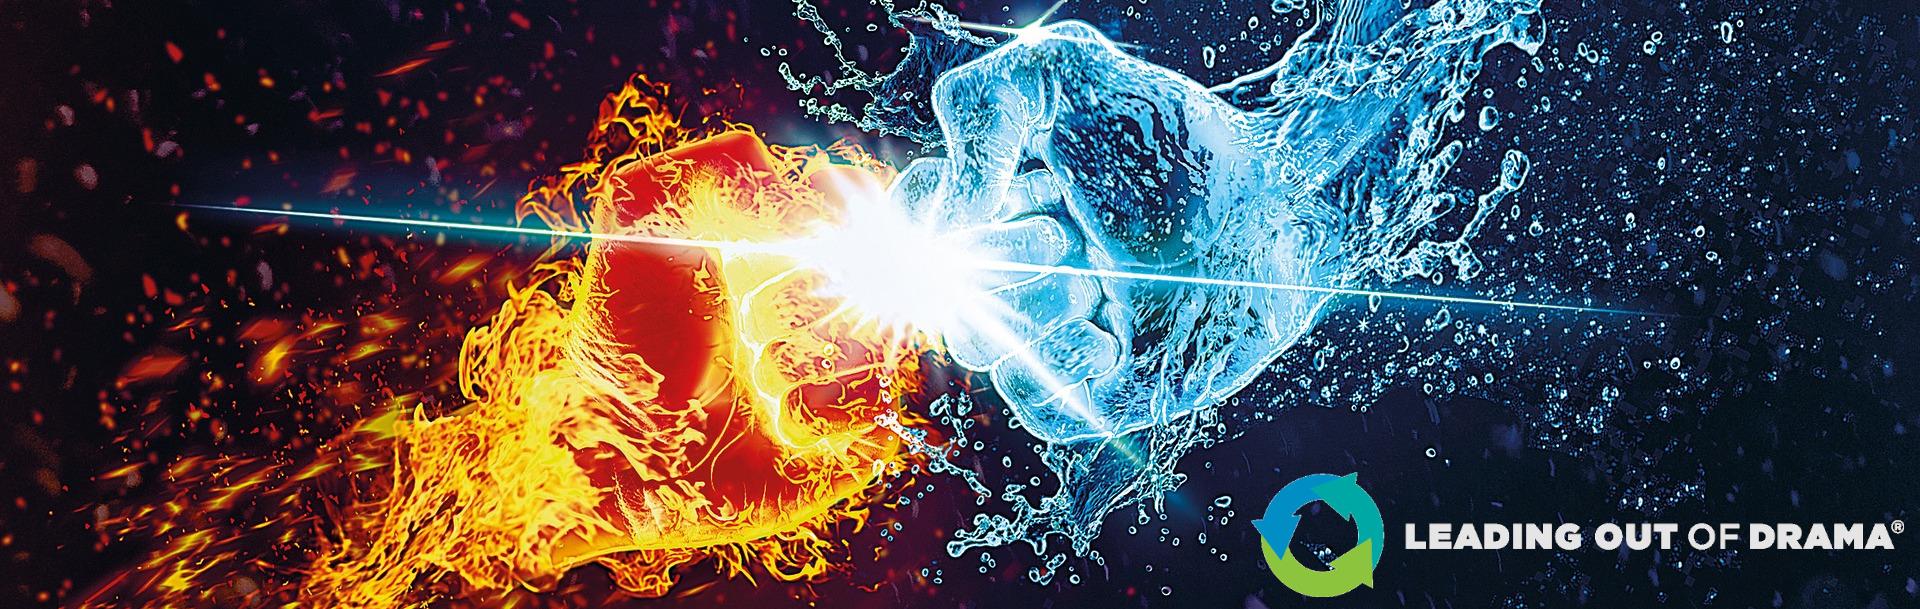 Feuer und Wasser als Fäuste im Konflikt